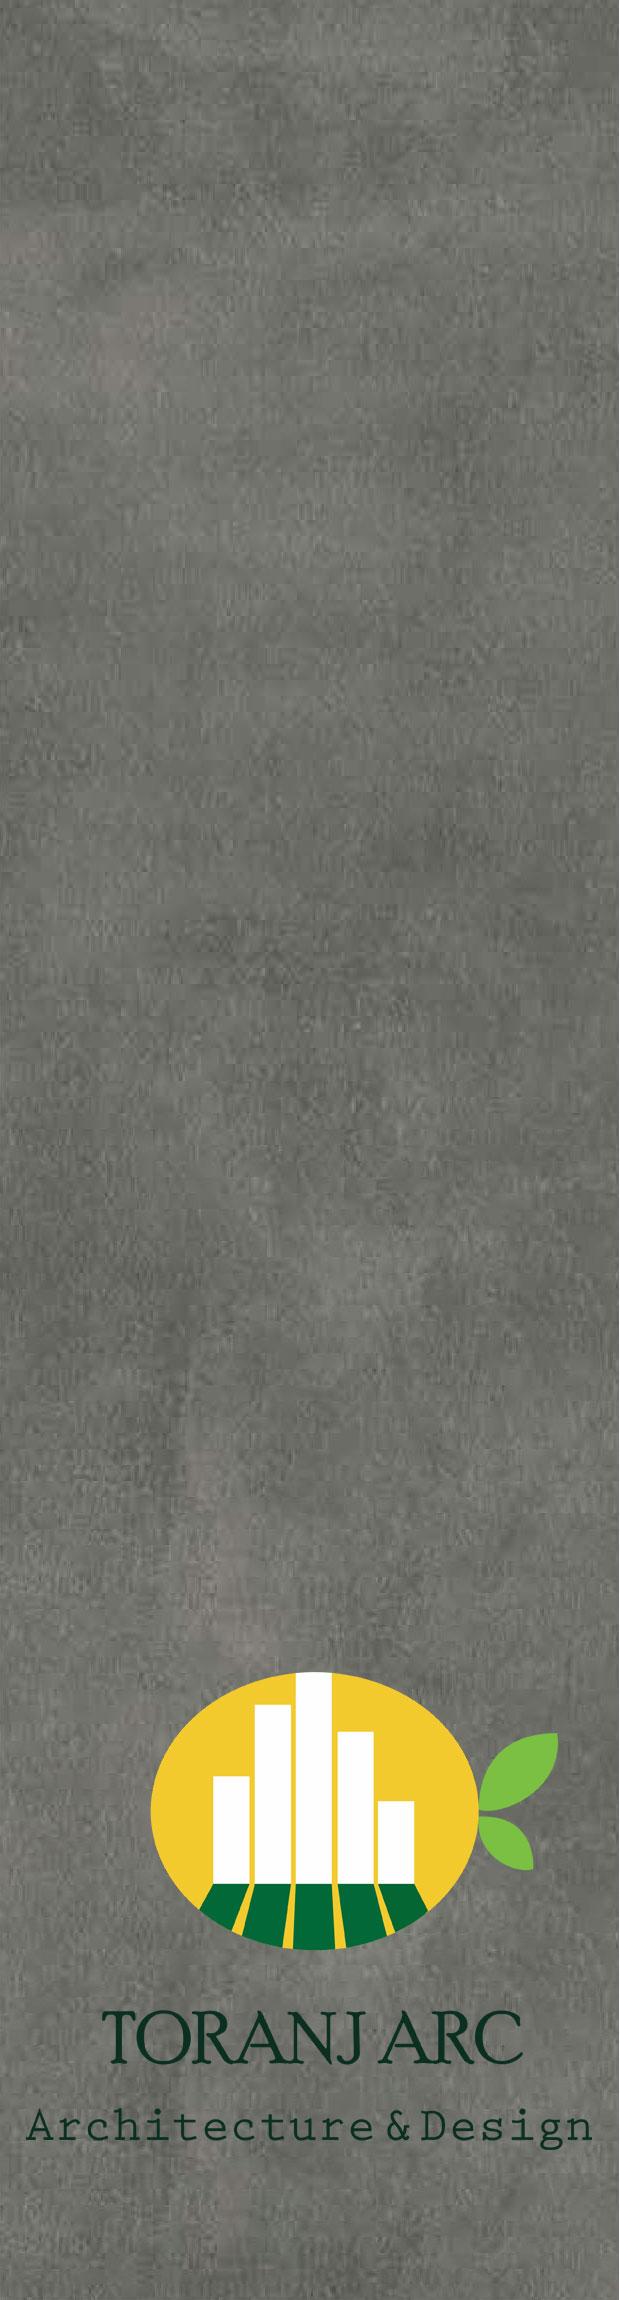 adofloor 1 7 کف پوش pvc